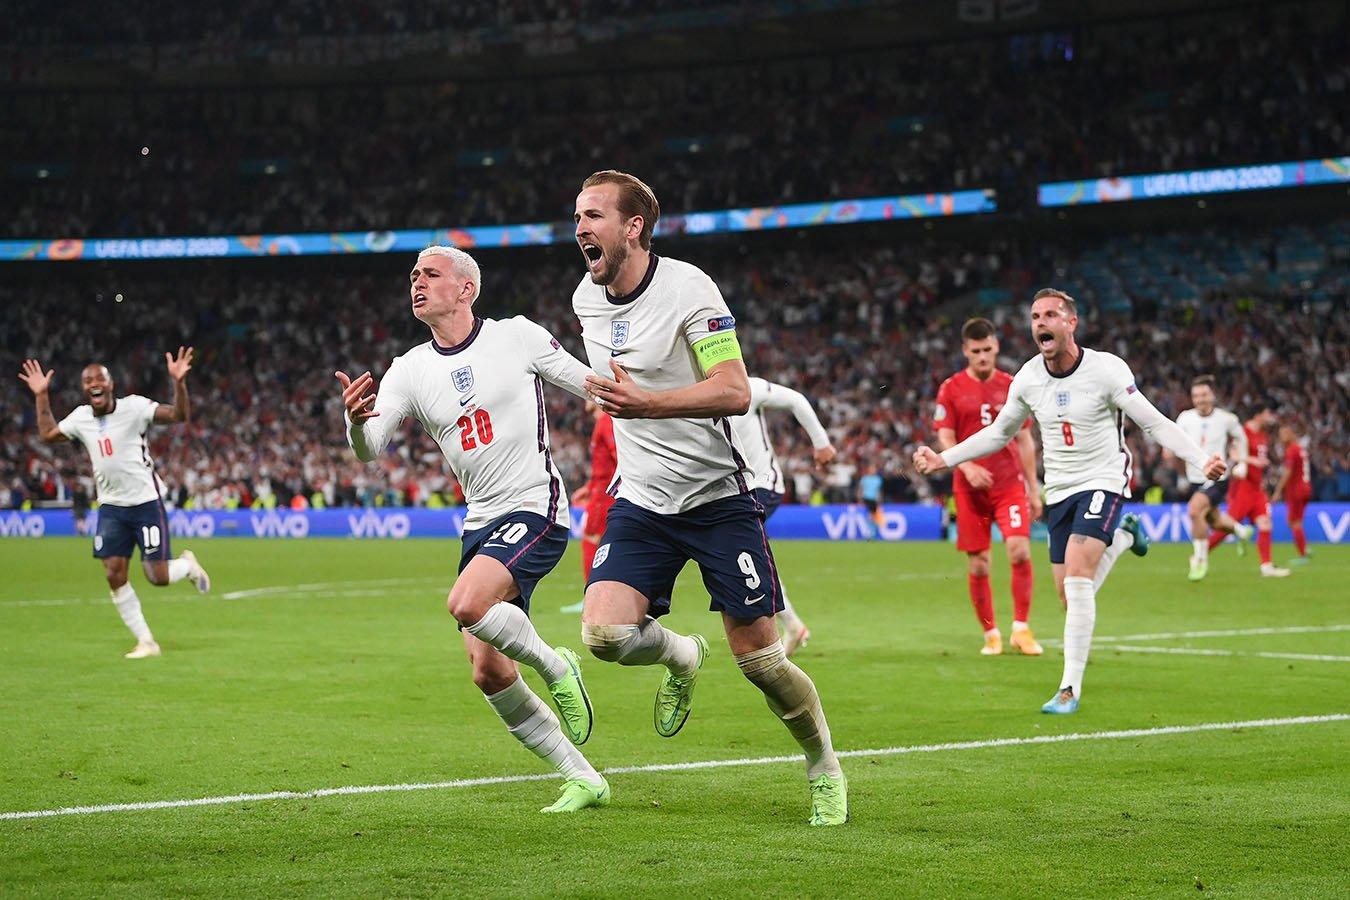 Сборная Англии одолела Данию в дополнительное время и вышла в финал Евро-2020